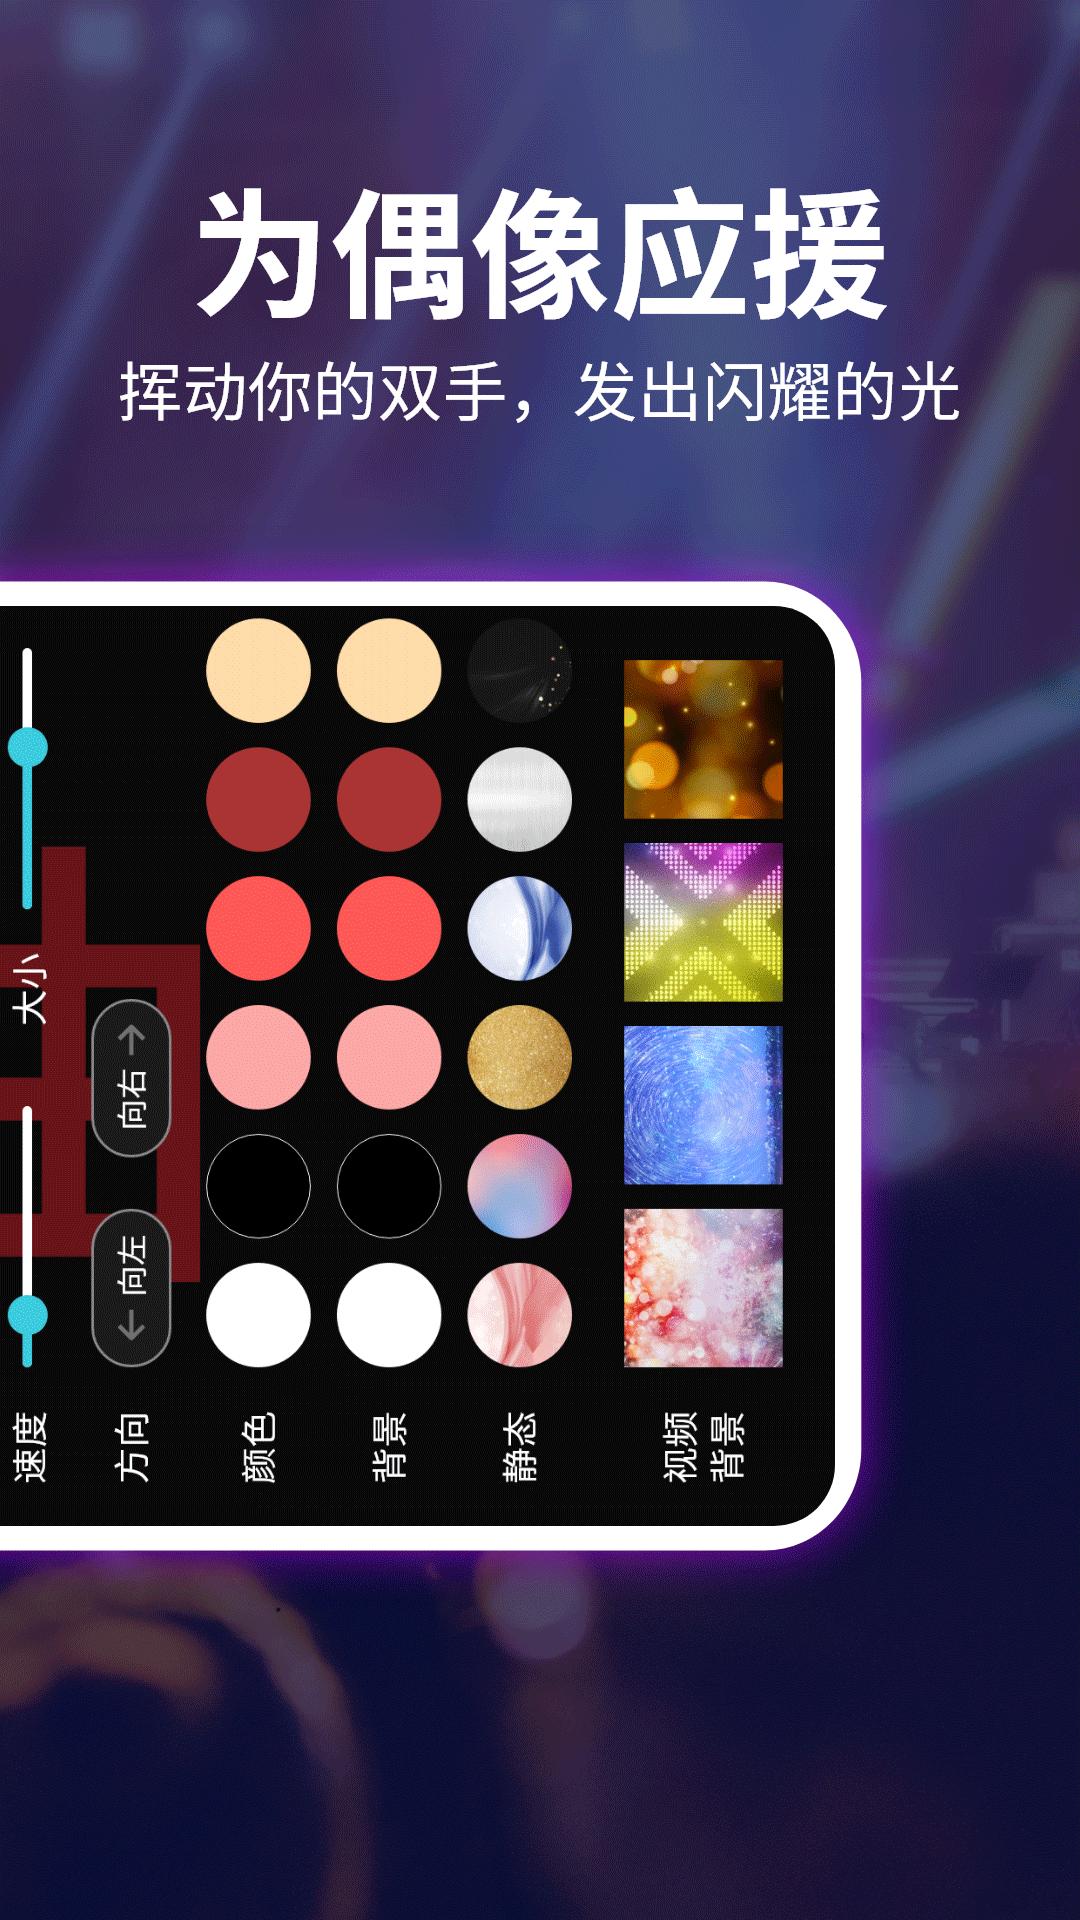 LED跑马灯弹幕app截图3